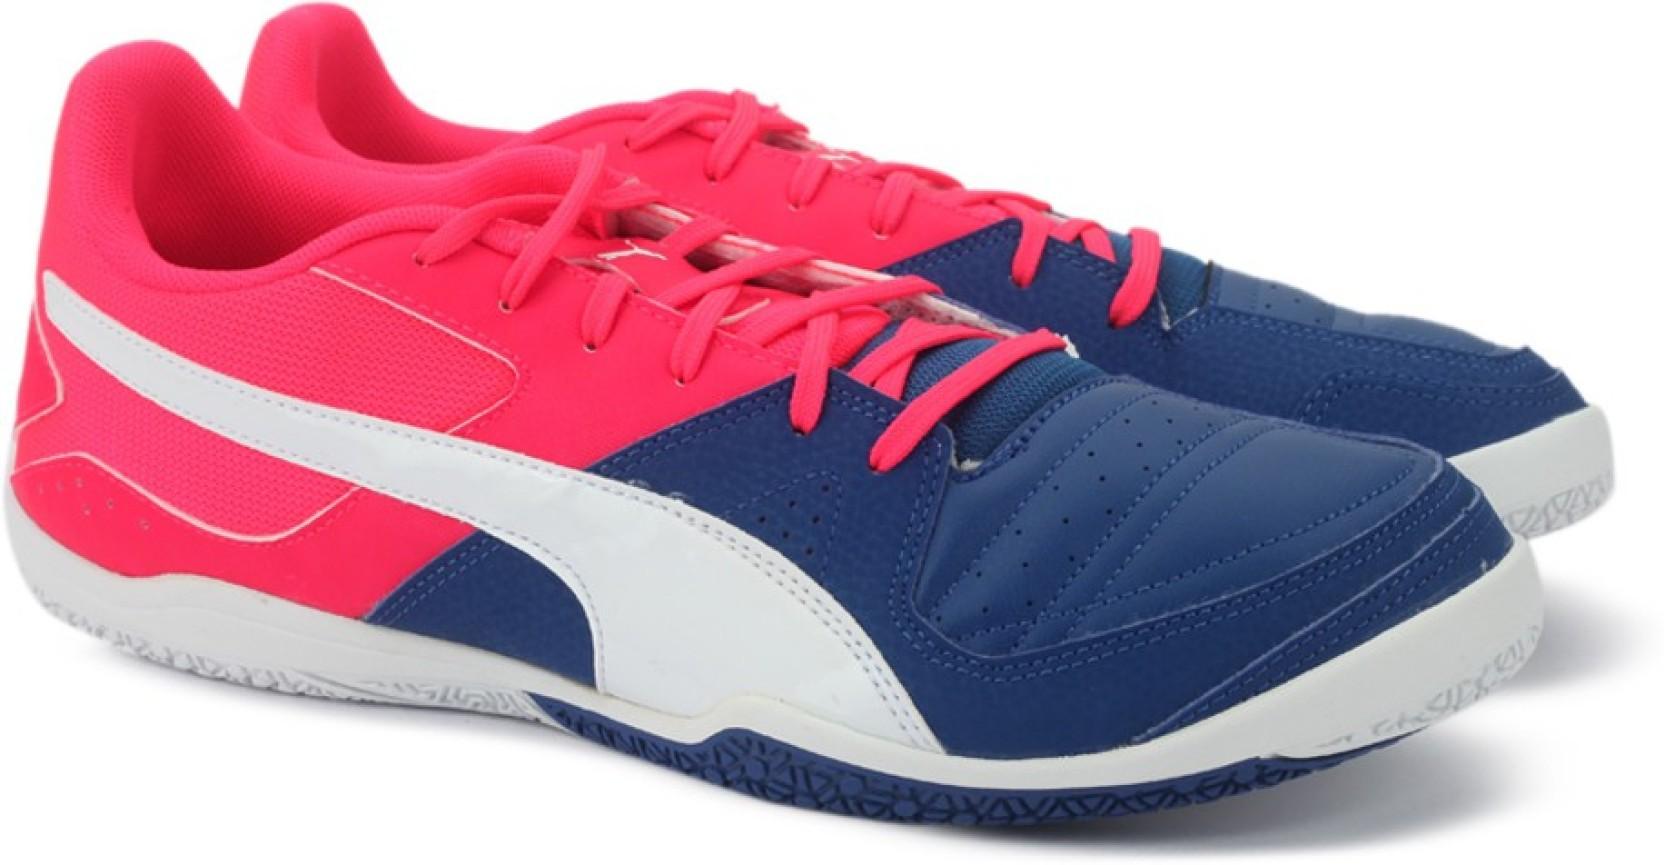 cb5a9a8544a Puma Gavetto Sala Football Shoes For Men - Buy TRUE BLUE-Puma White ...